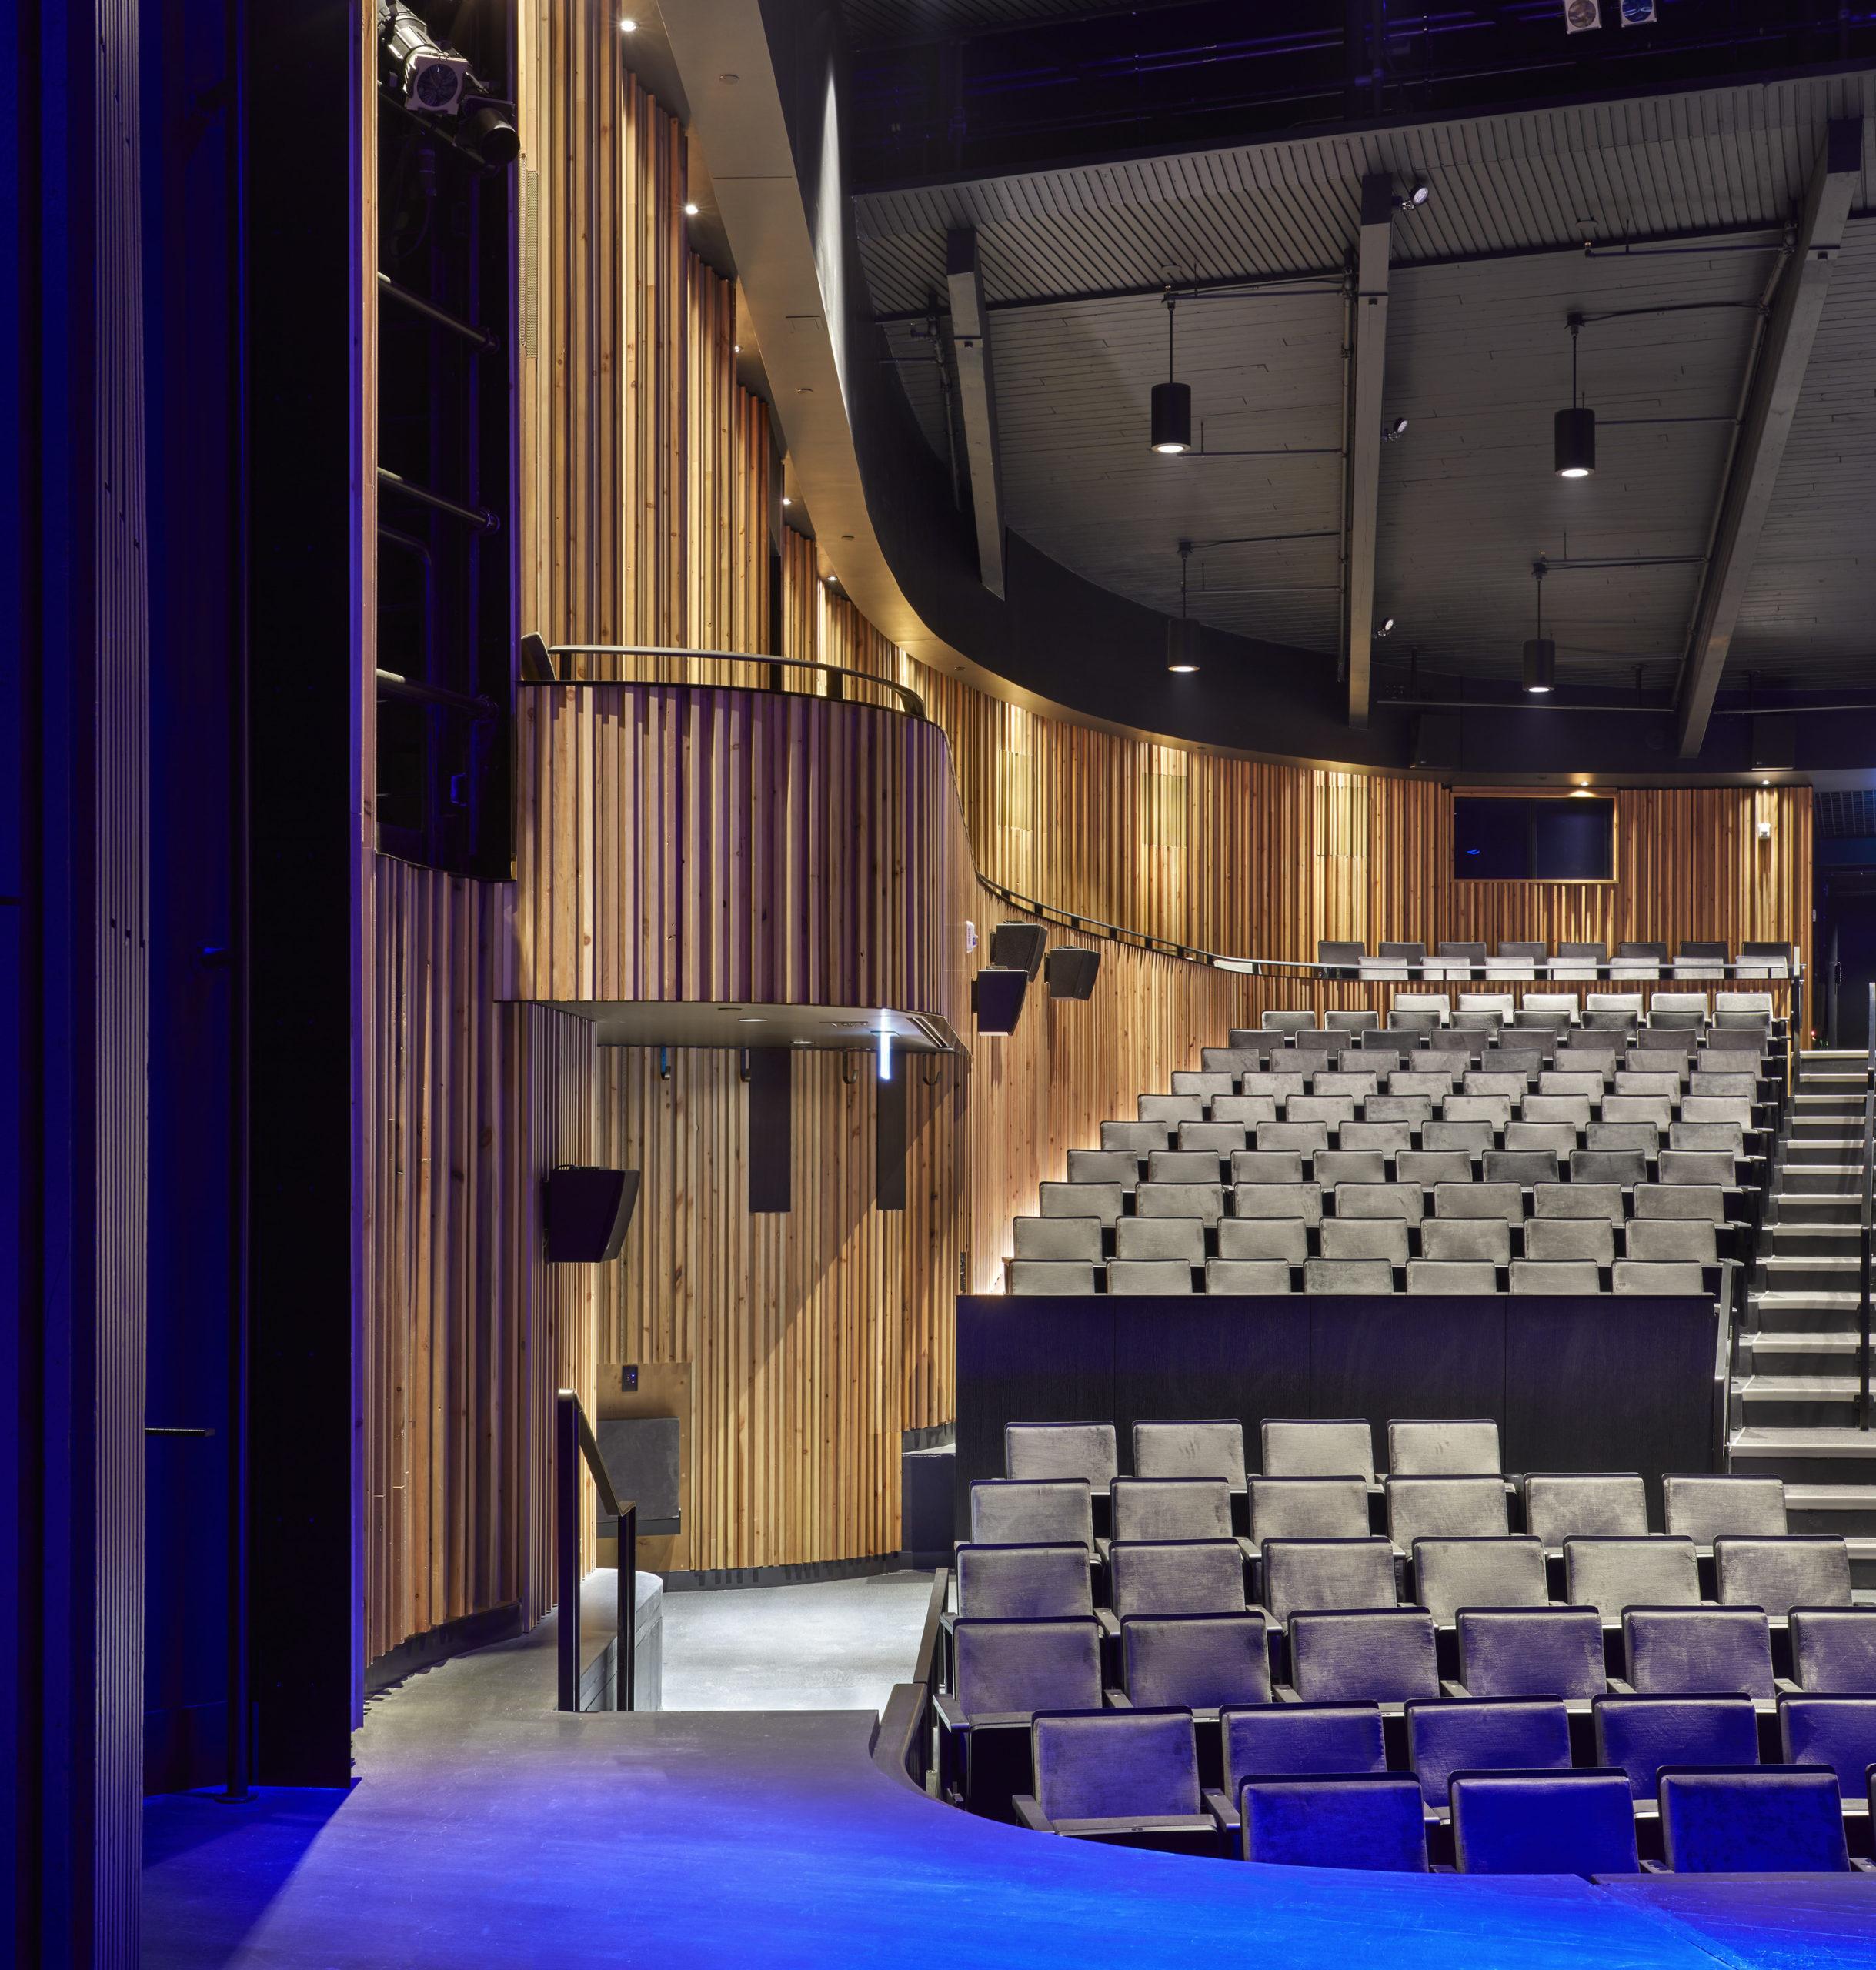 Theatre - Auditorium